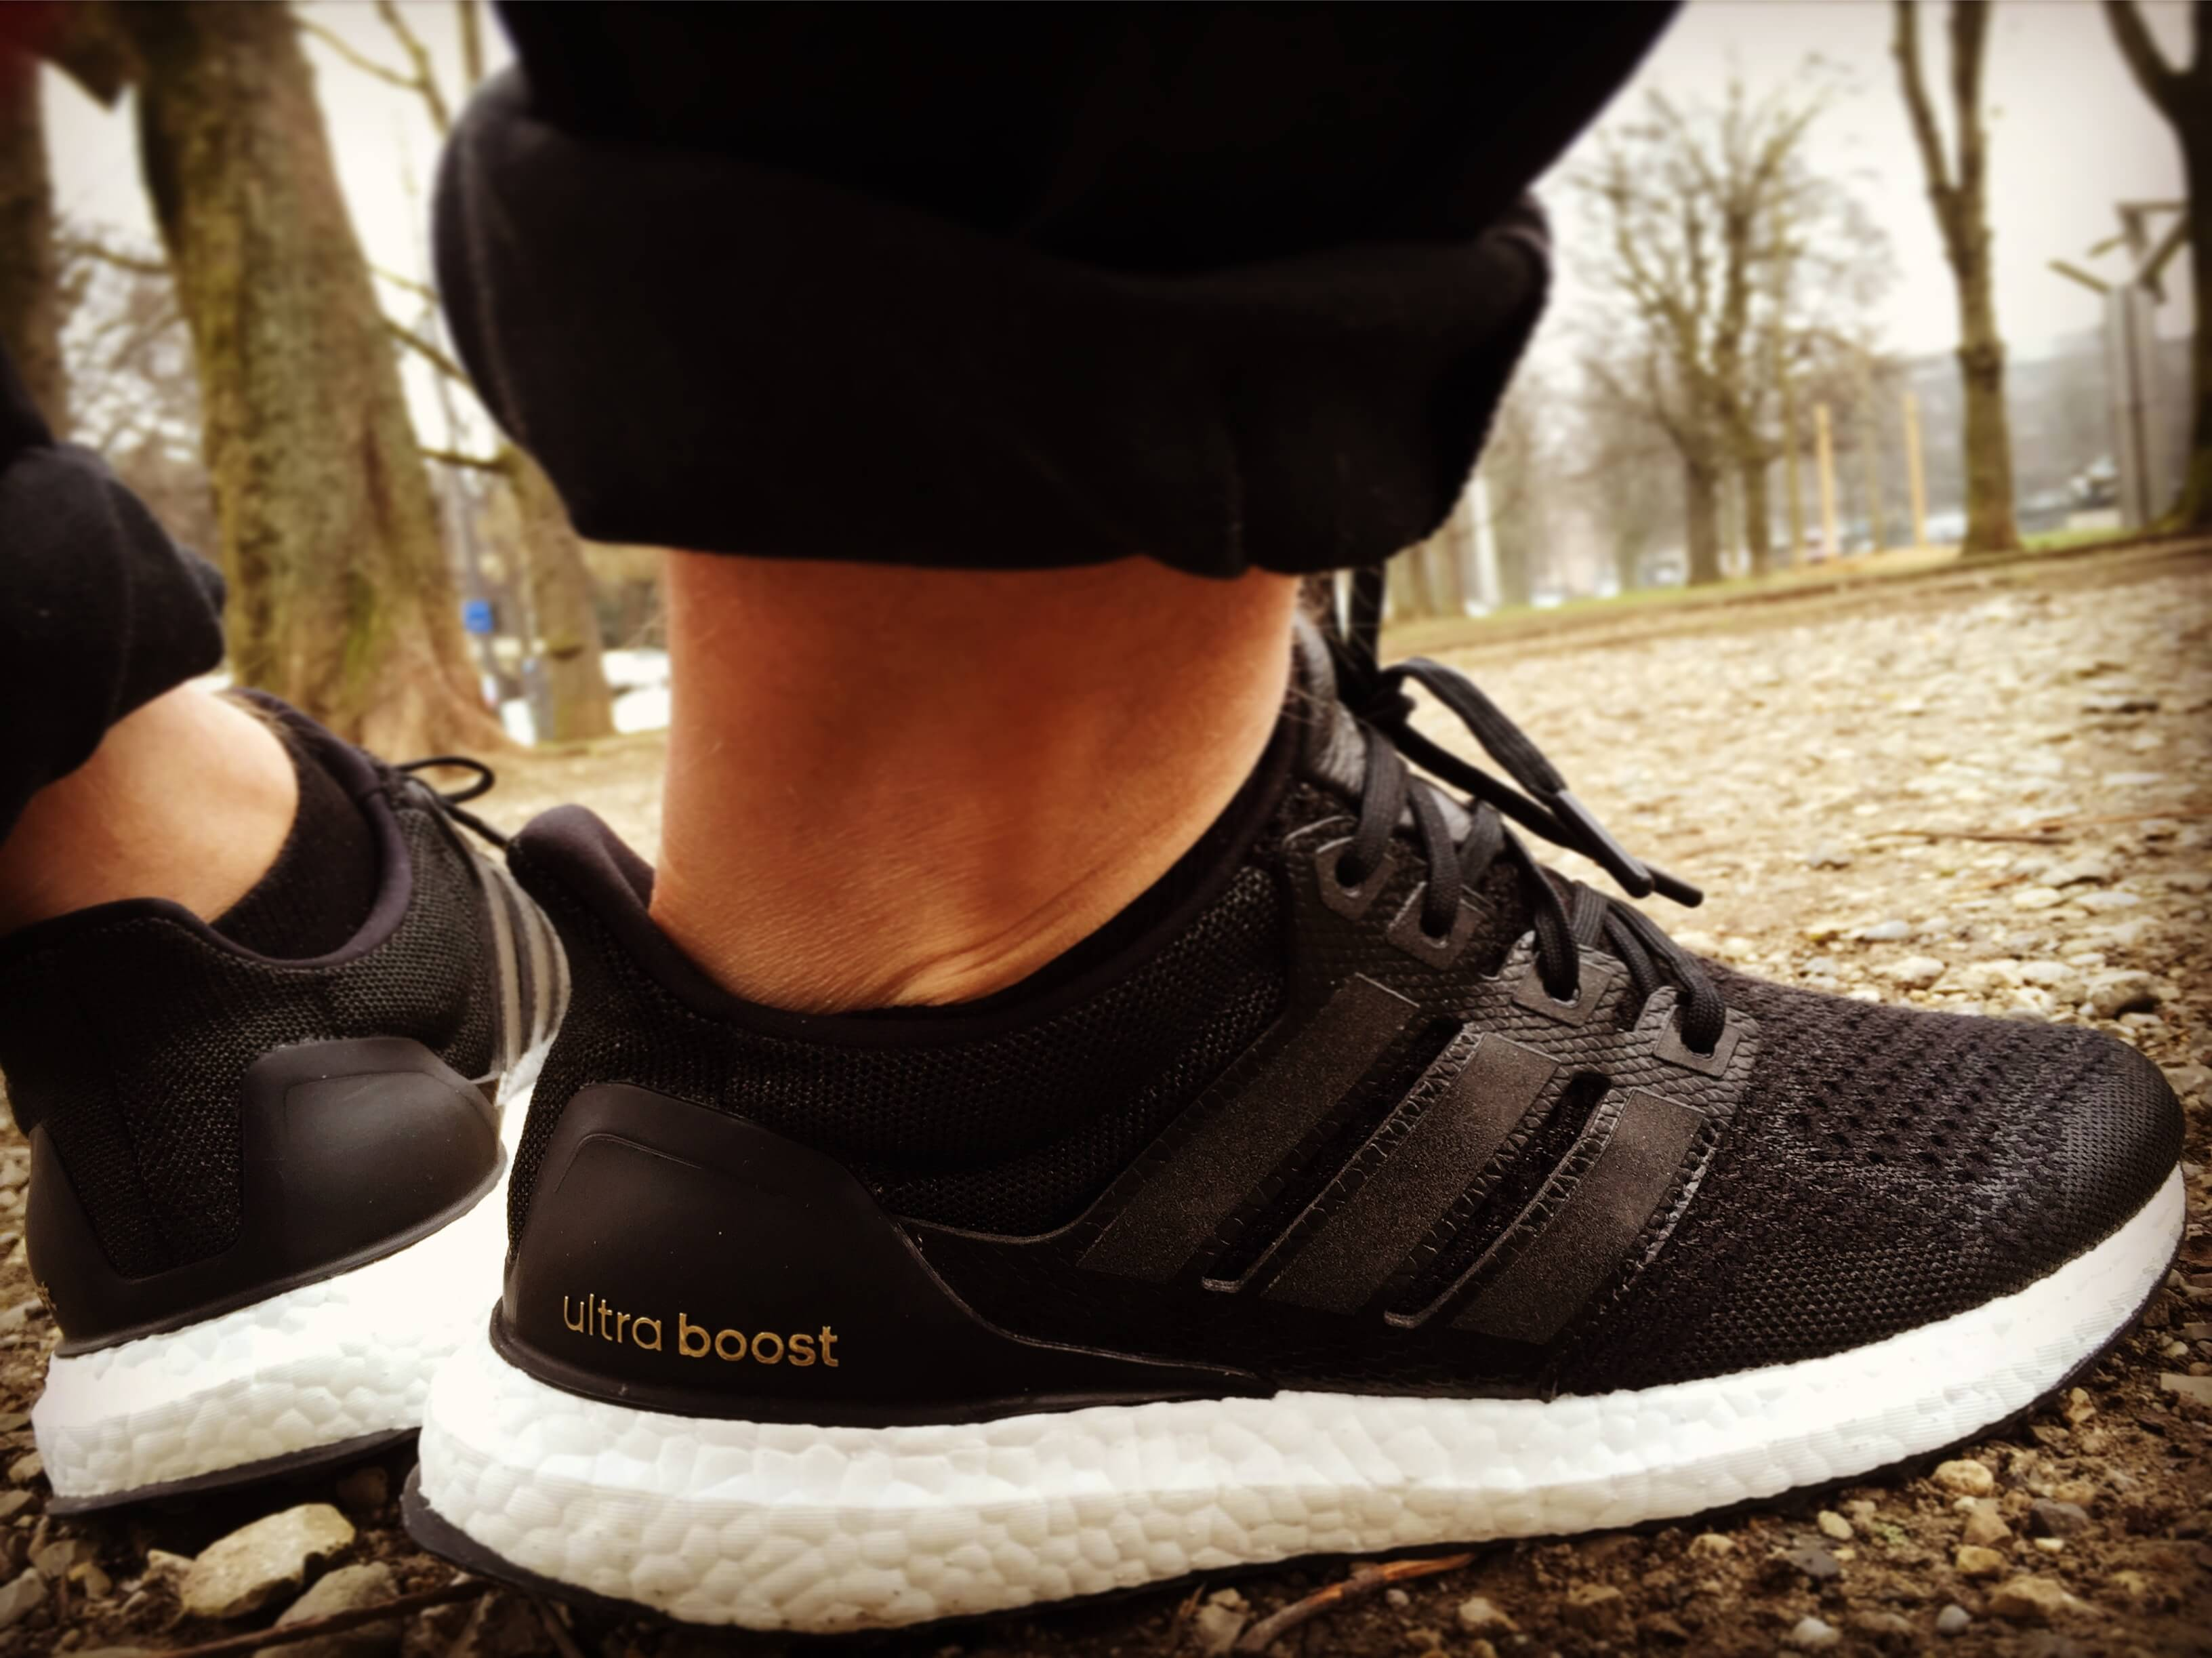 Adidas-Ultra Boost-J&D-Collective-Rear-View-Benstah-Onfeet